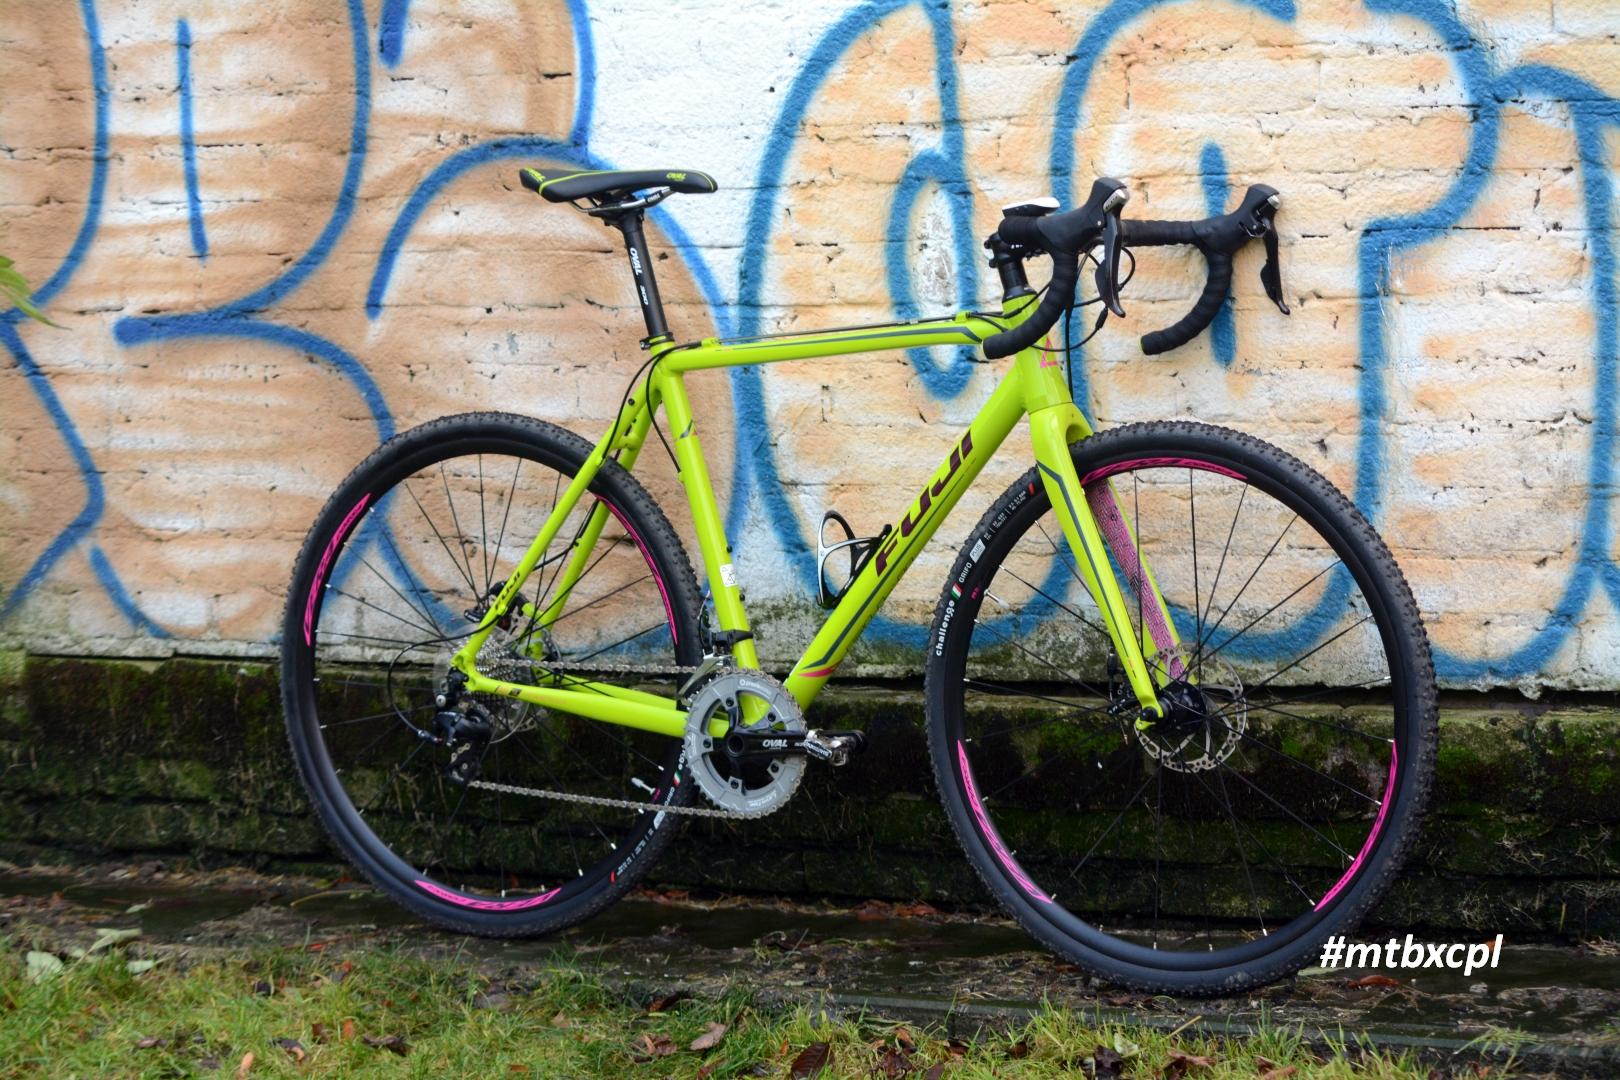 rower przełajowy fuji cross 1.5 2016 002